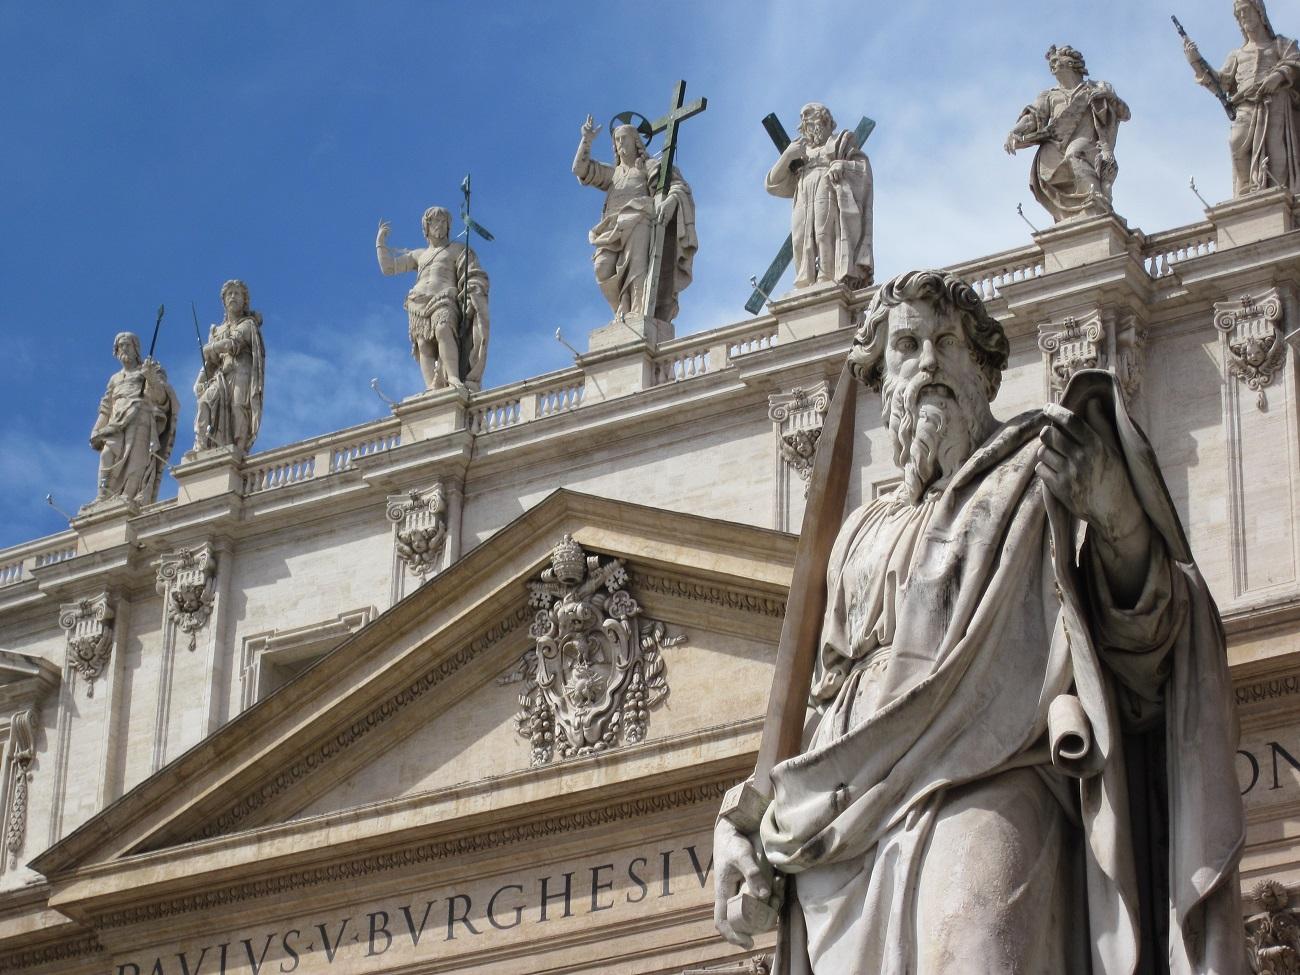 Faţada Bisericii Sfântul Petru, Vatican